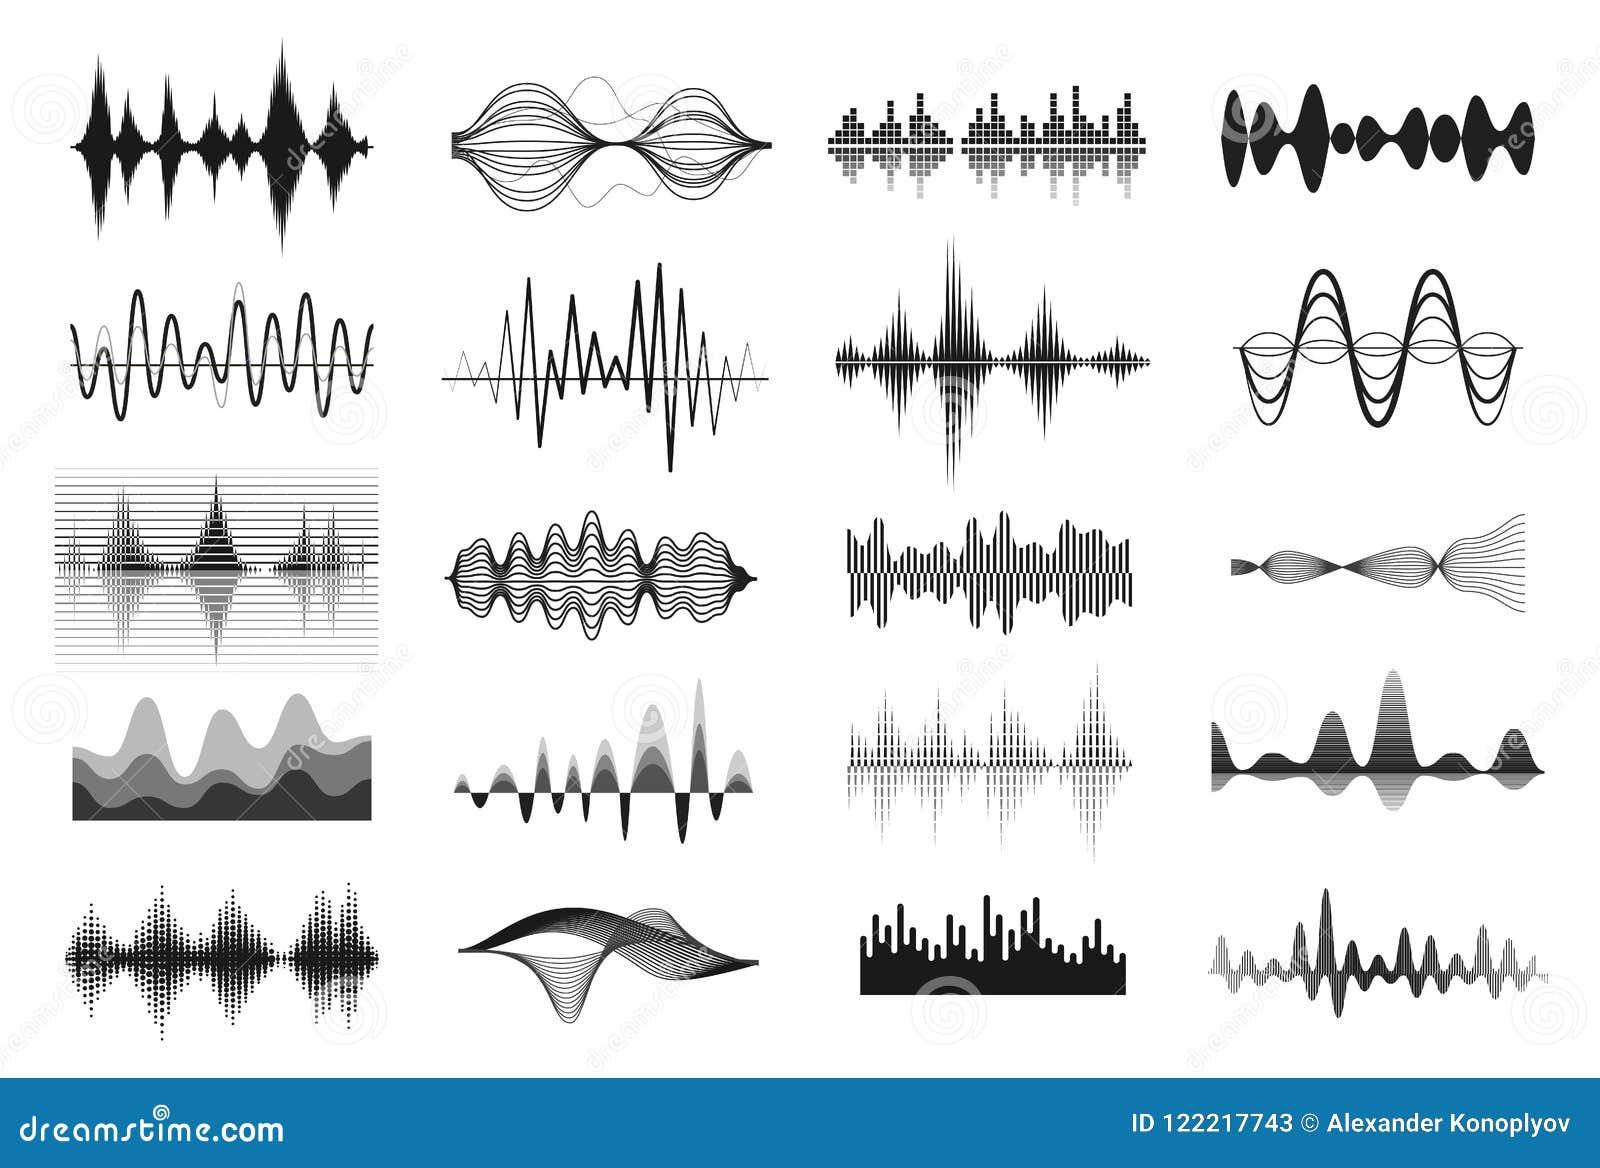 Sound waves för musik